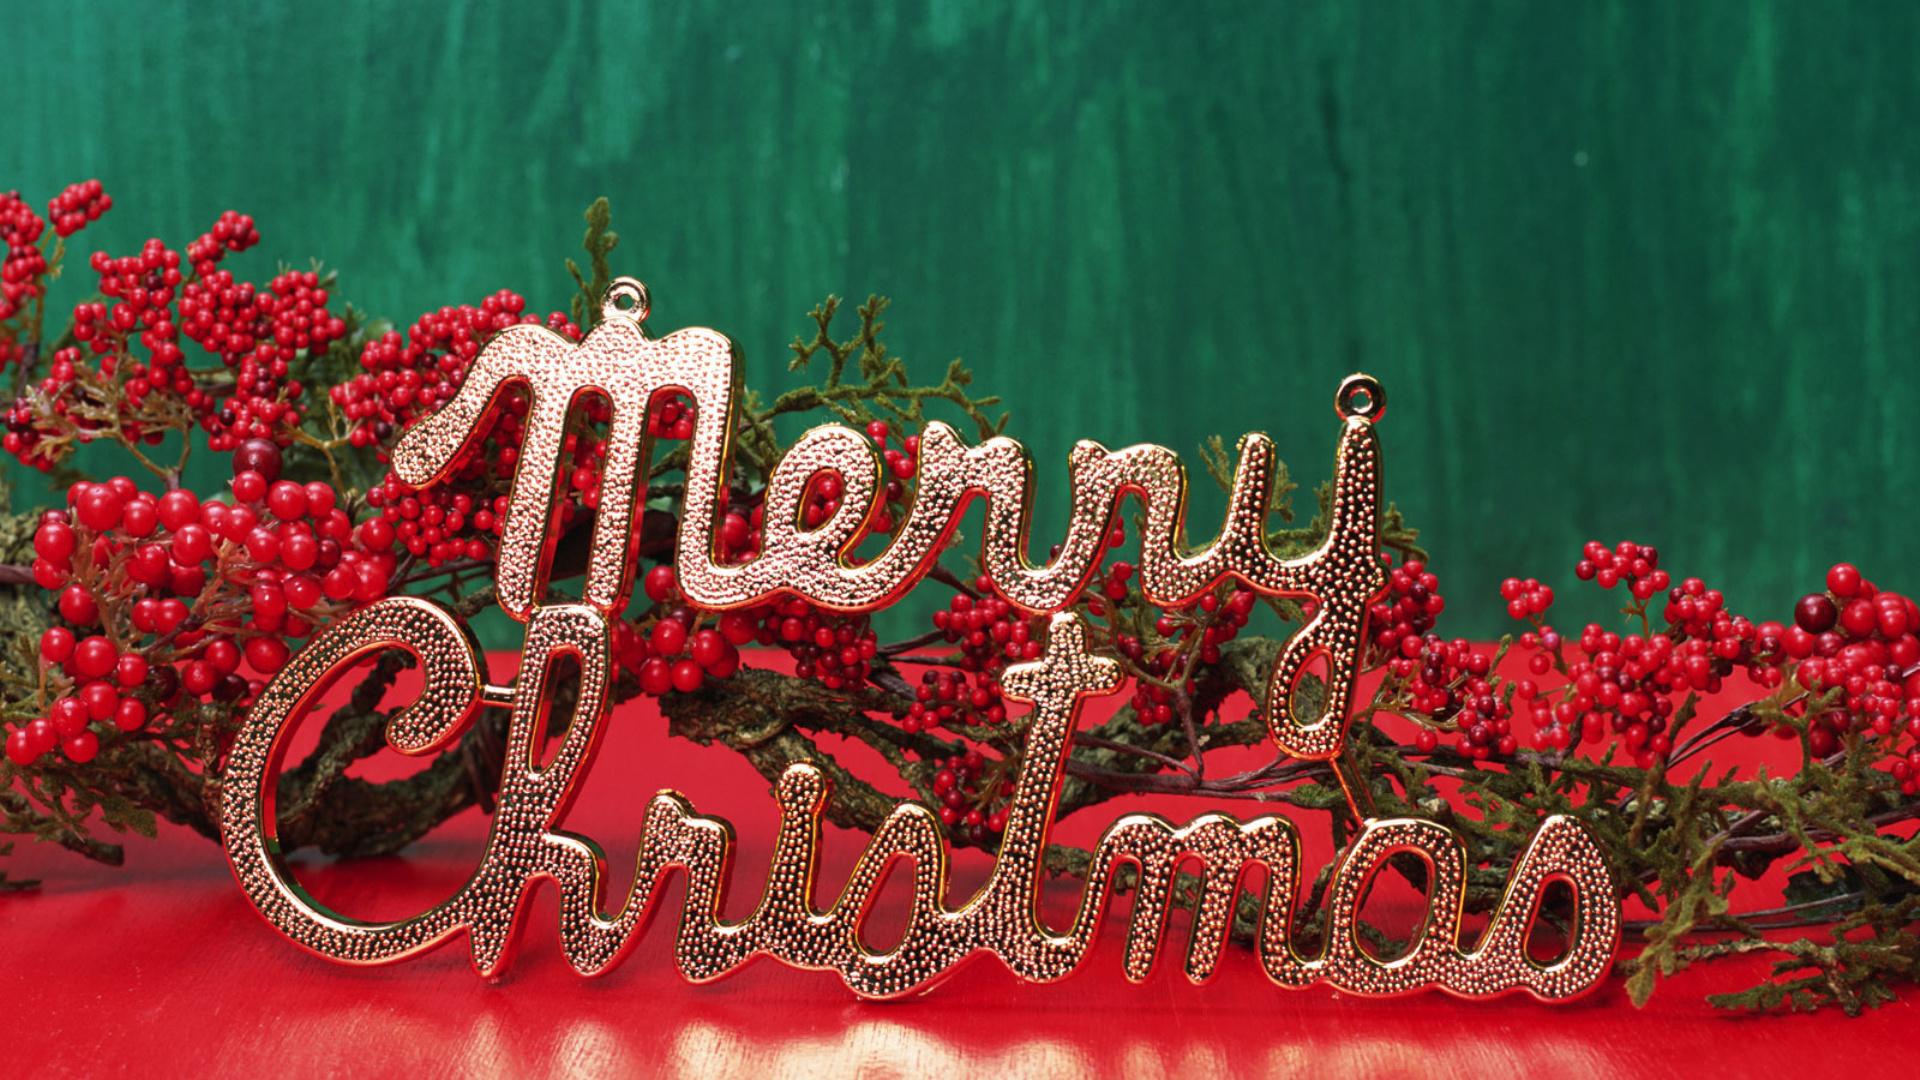 аппараты можно пожелания на новый год у итальянцев поздравления